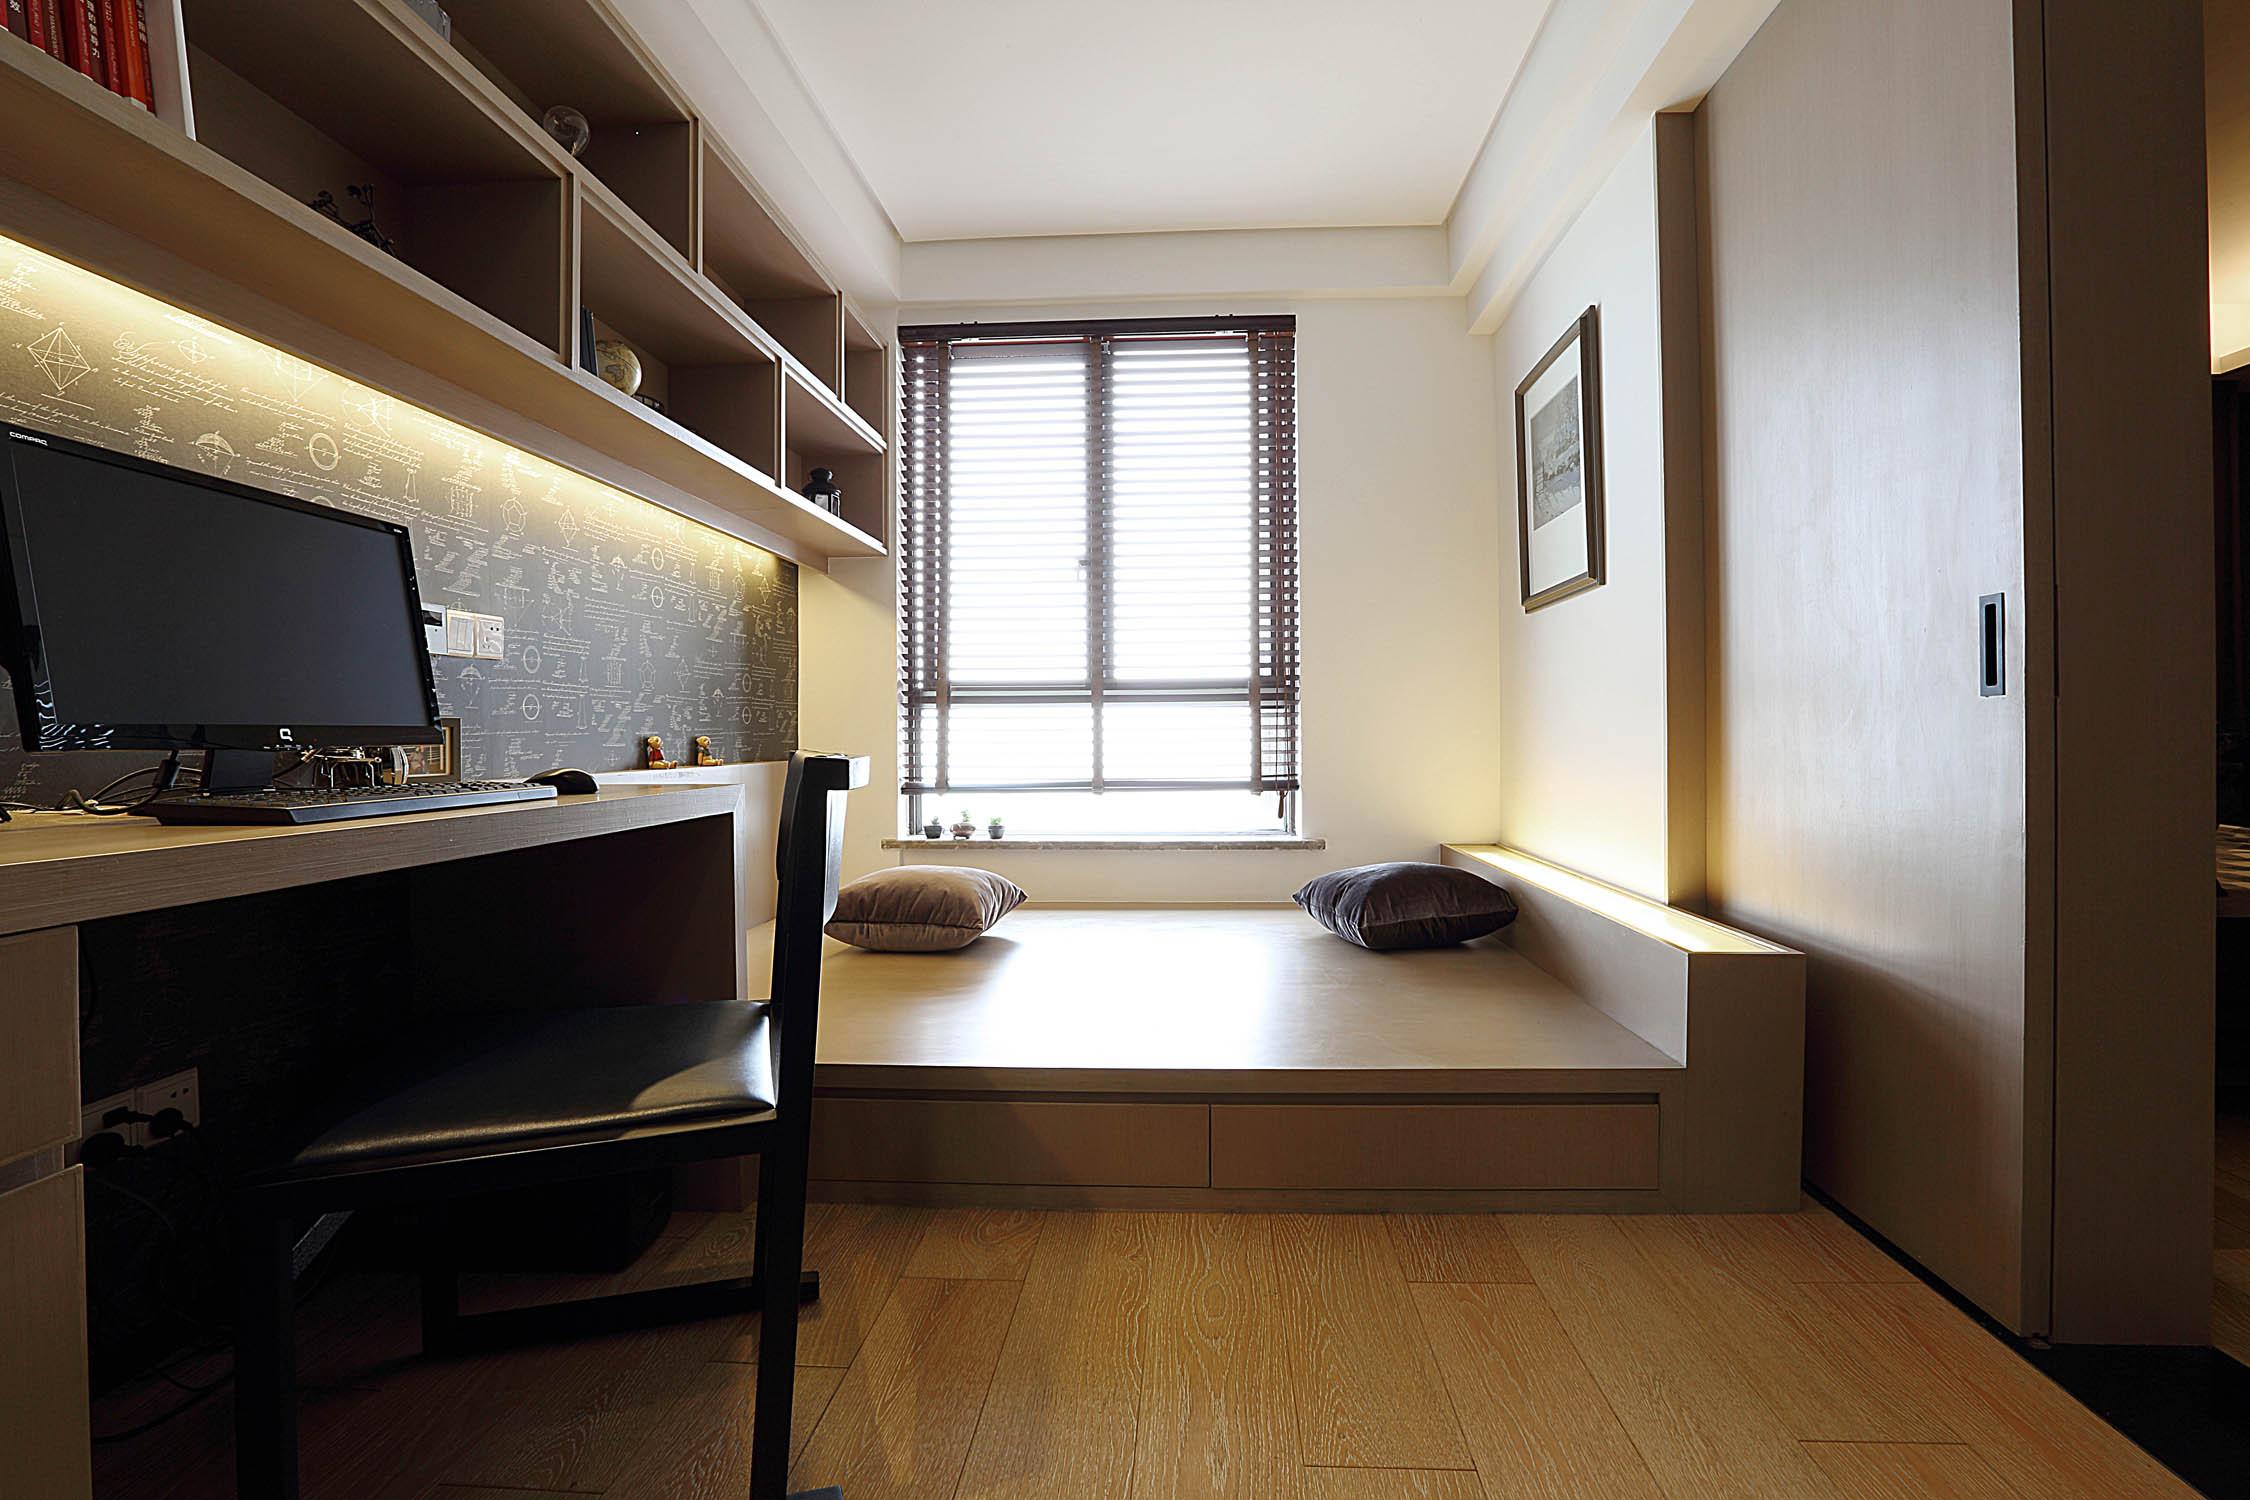 现代简约三居之家榻榻米设计